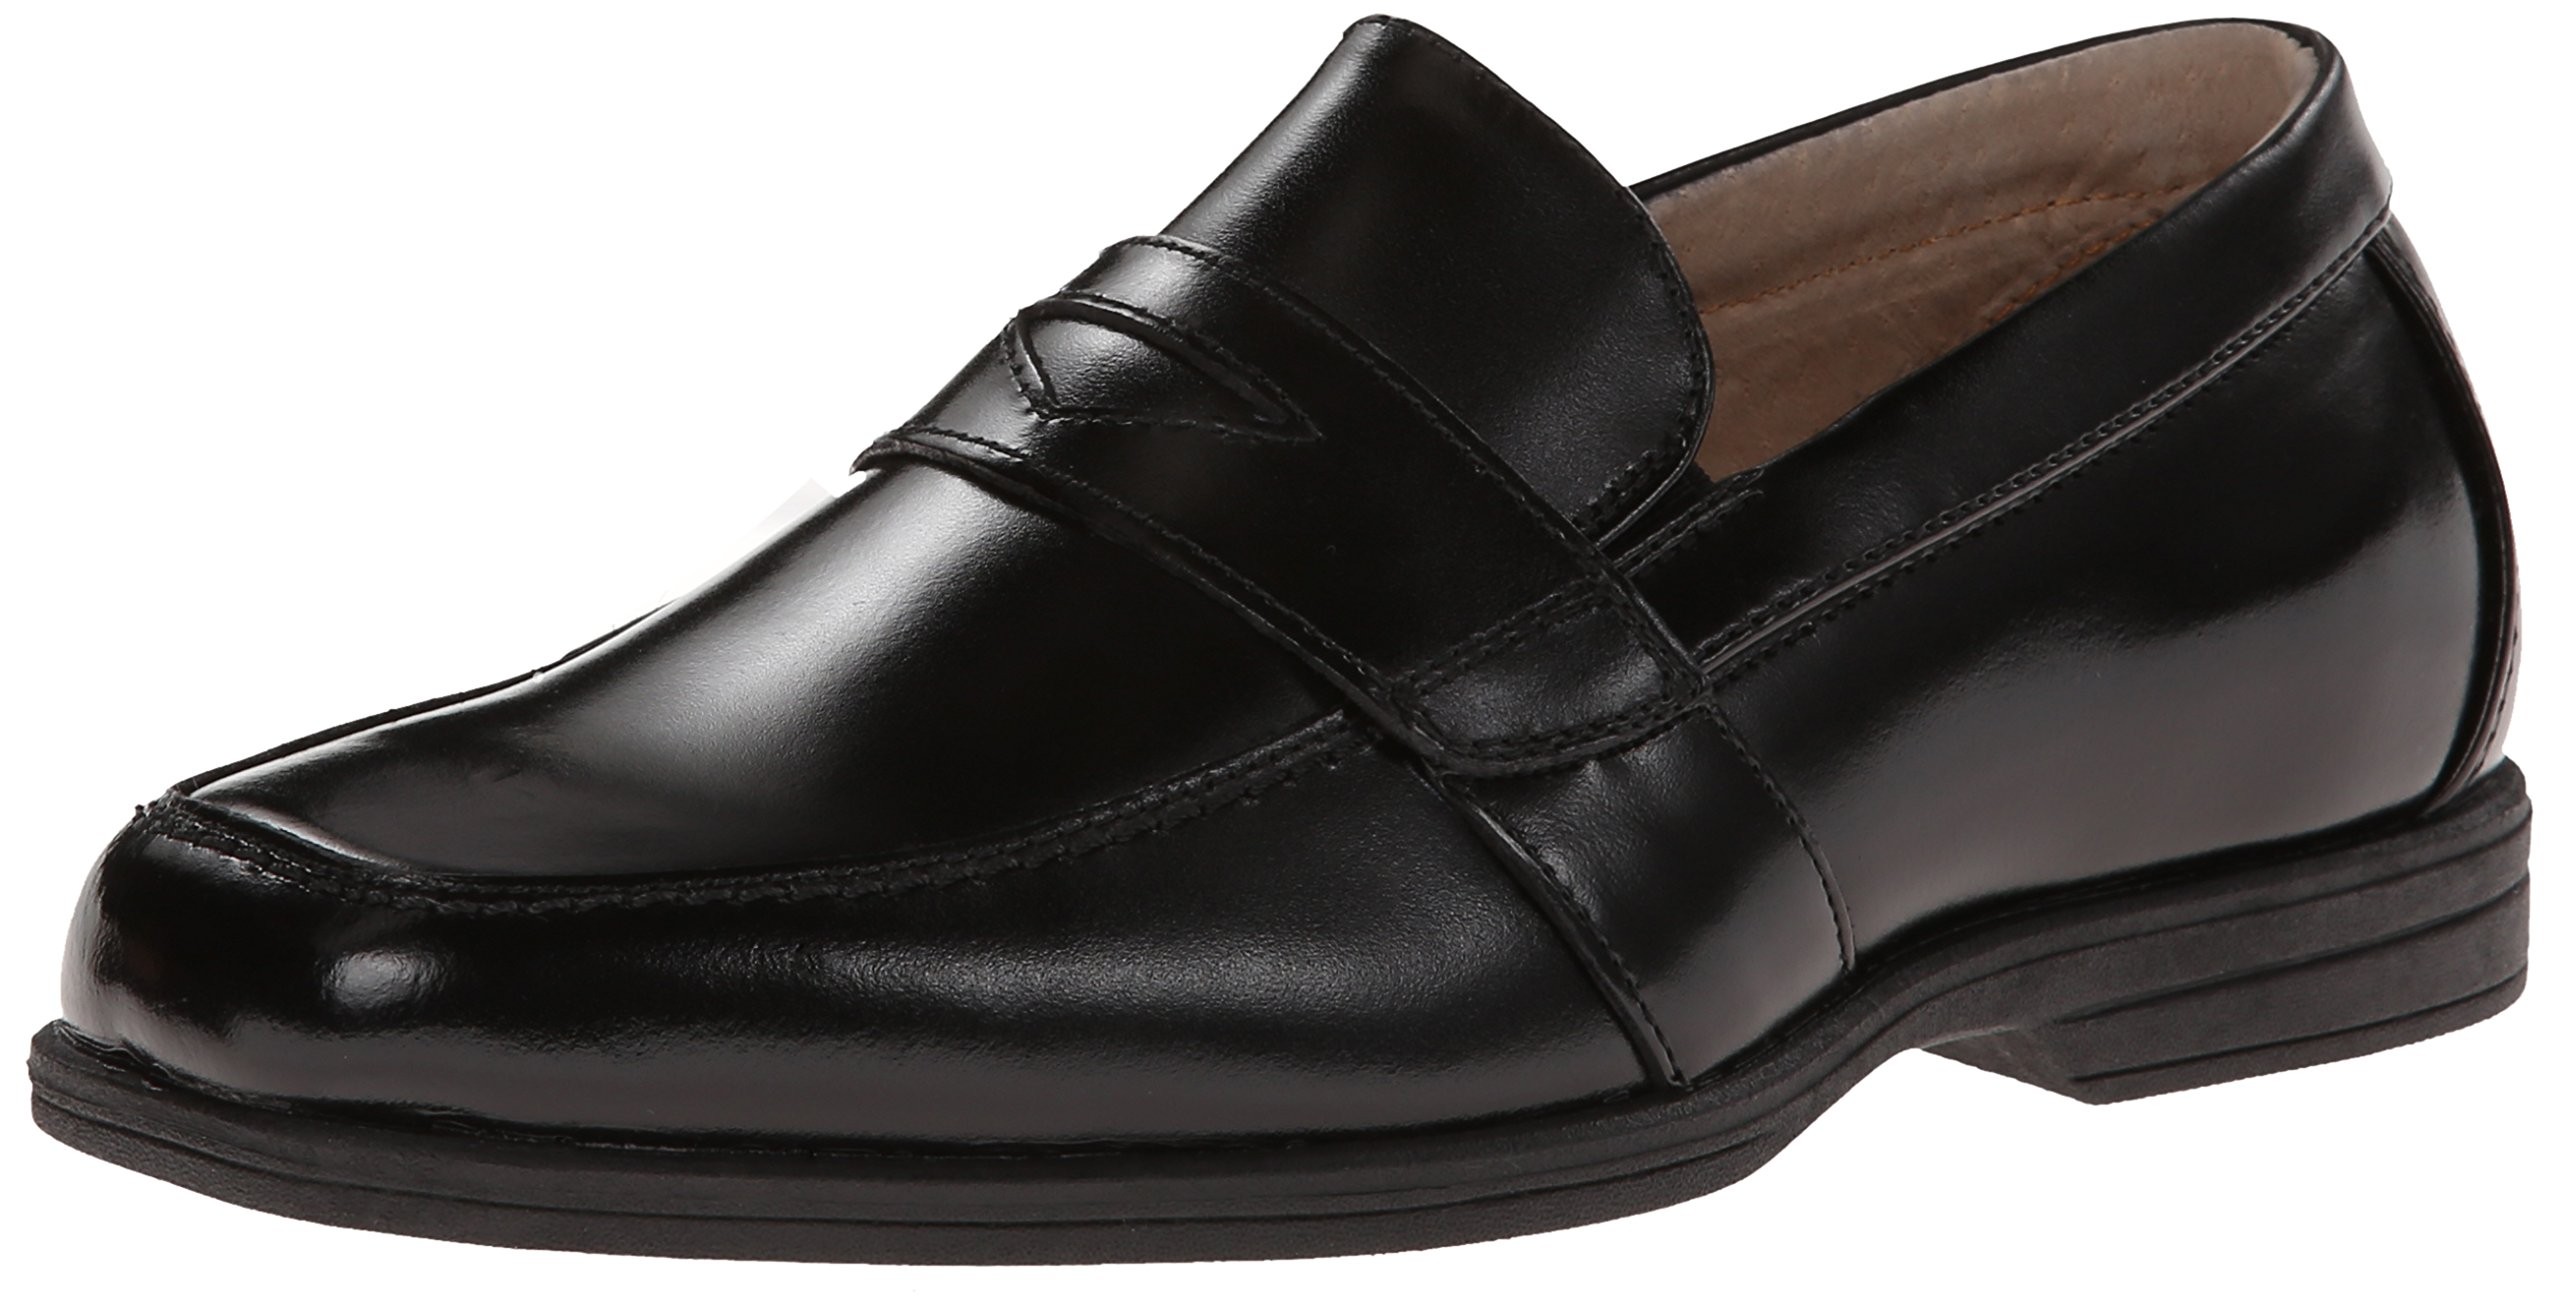 Florsheim Kids Reveal Penny Loafer Jr. Dress Shoe, Black, 3 Medium Little Kid